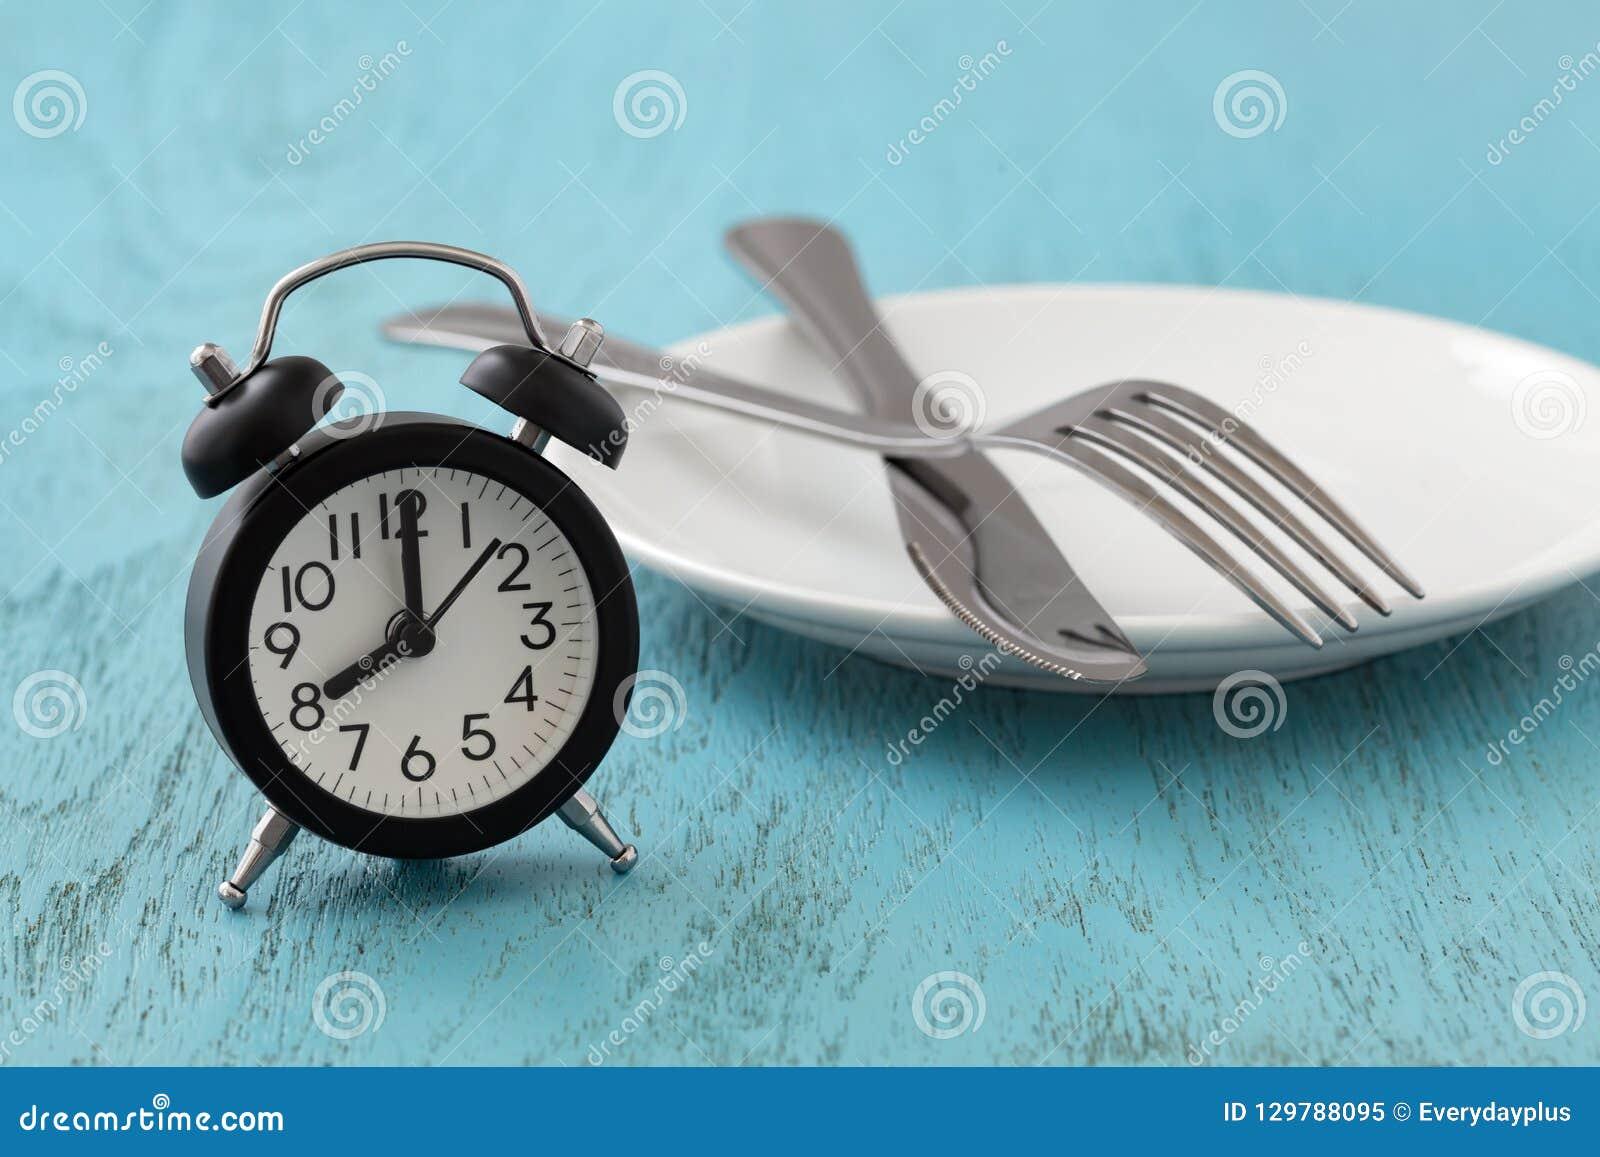 Jeûne intermittent, régime, concept de perte de poids